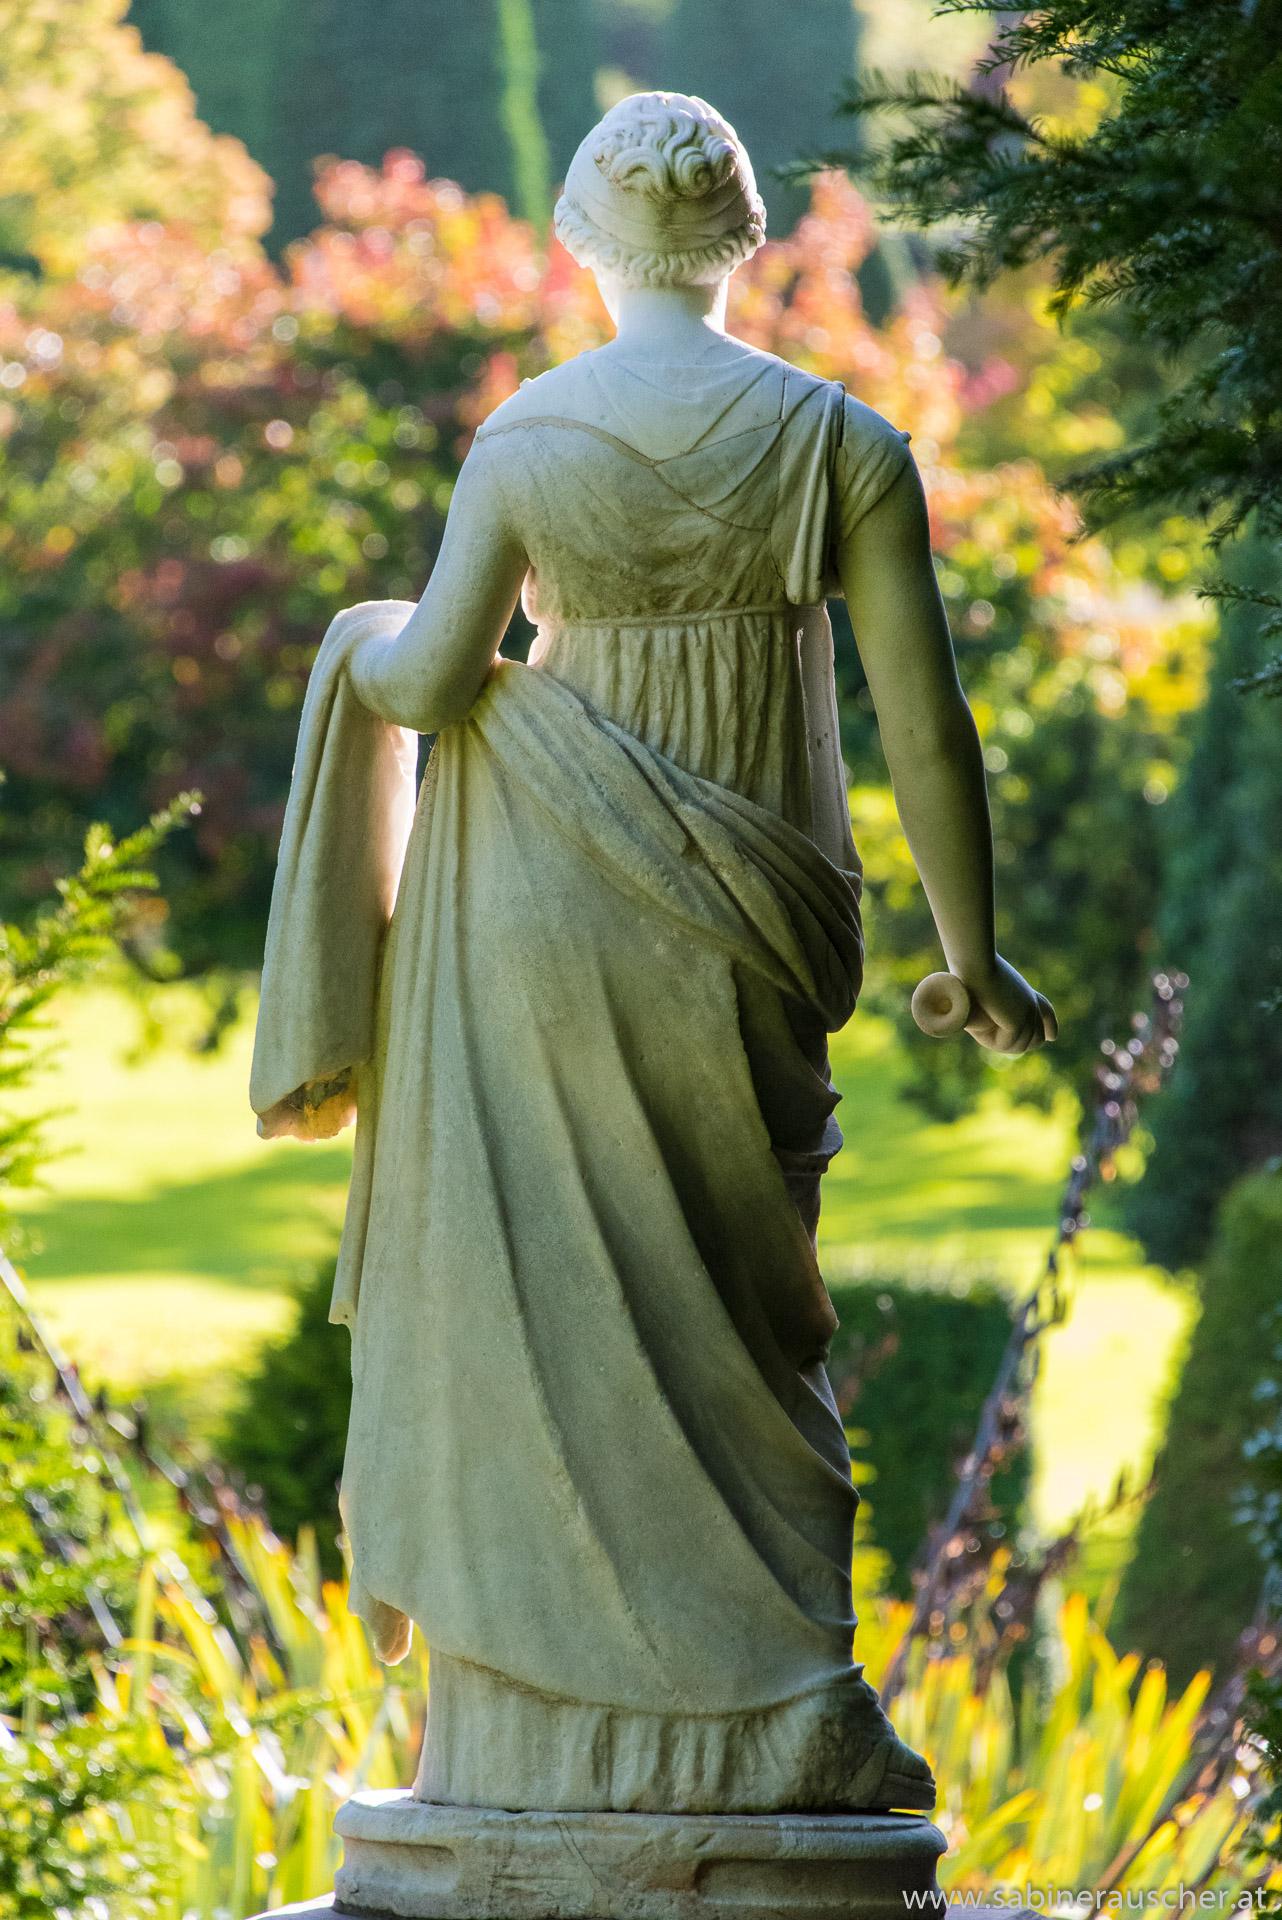 Statue in Drummond Castle Garden near Crieff, Scotland